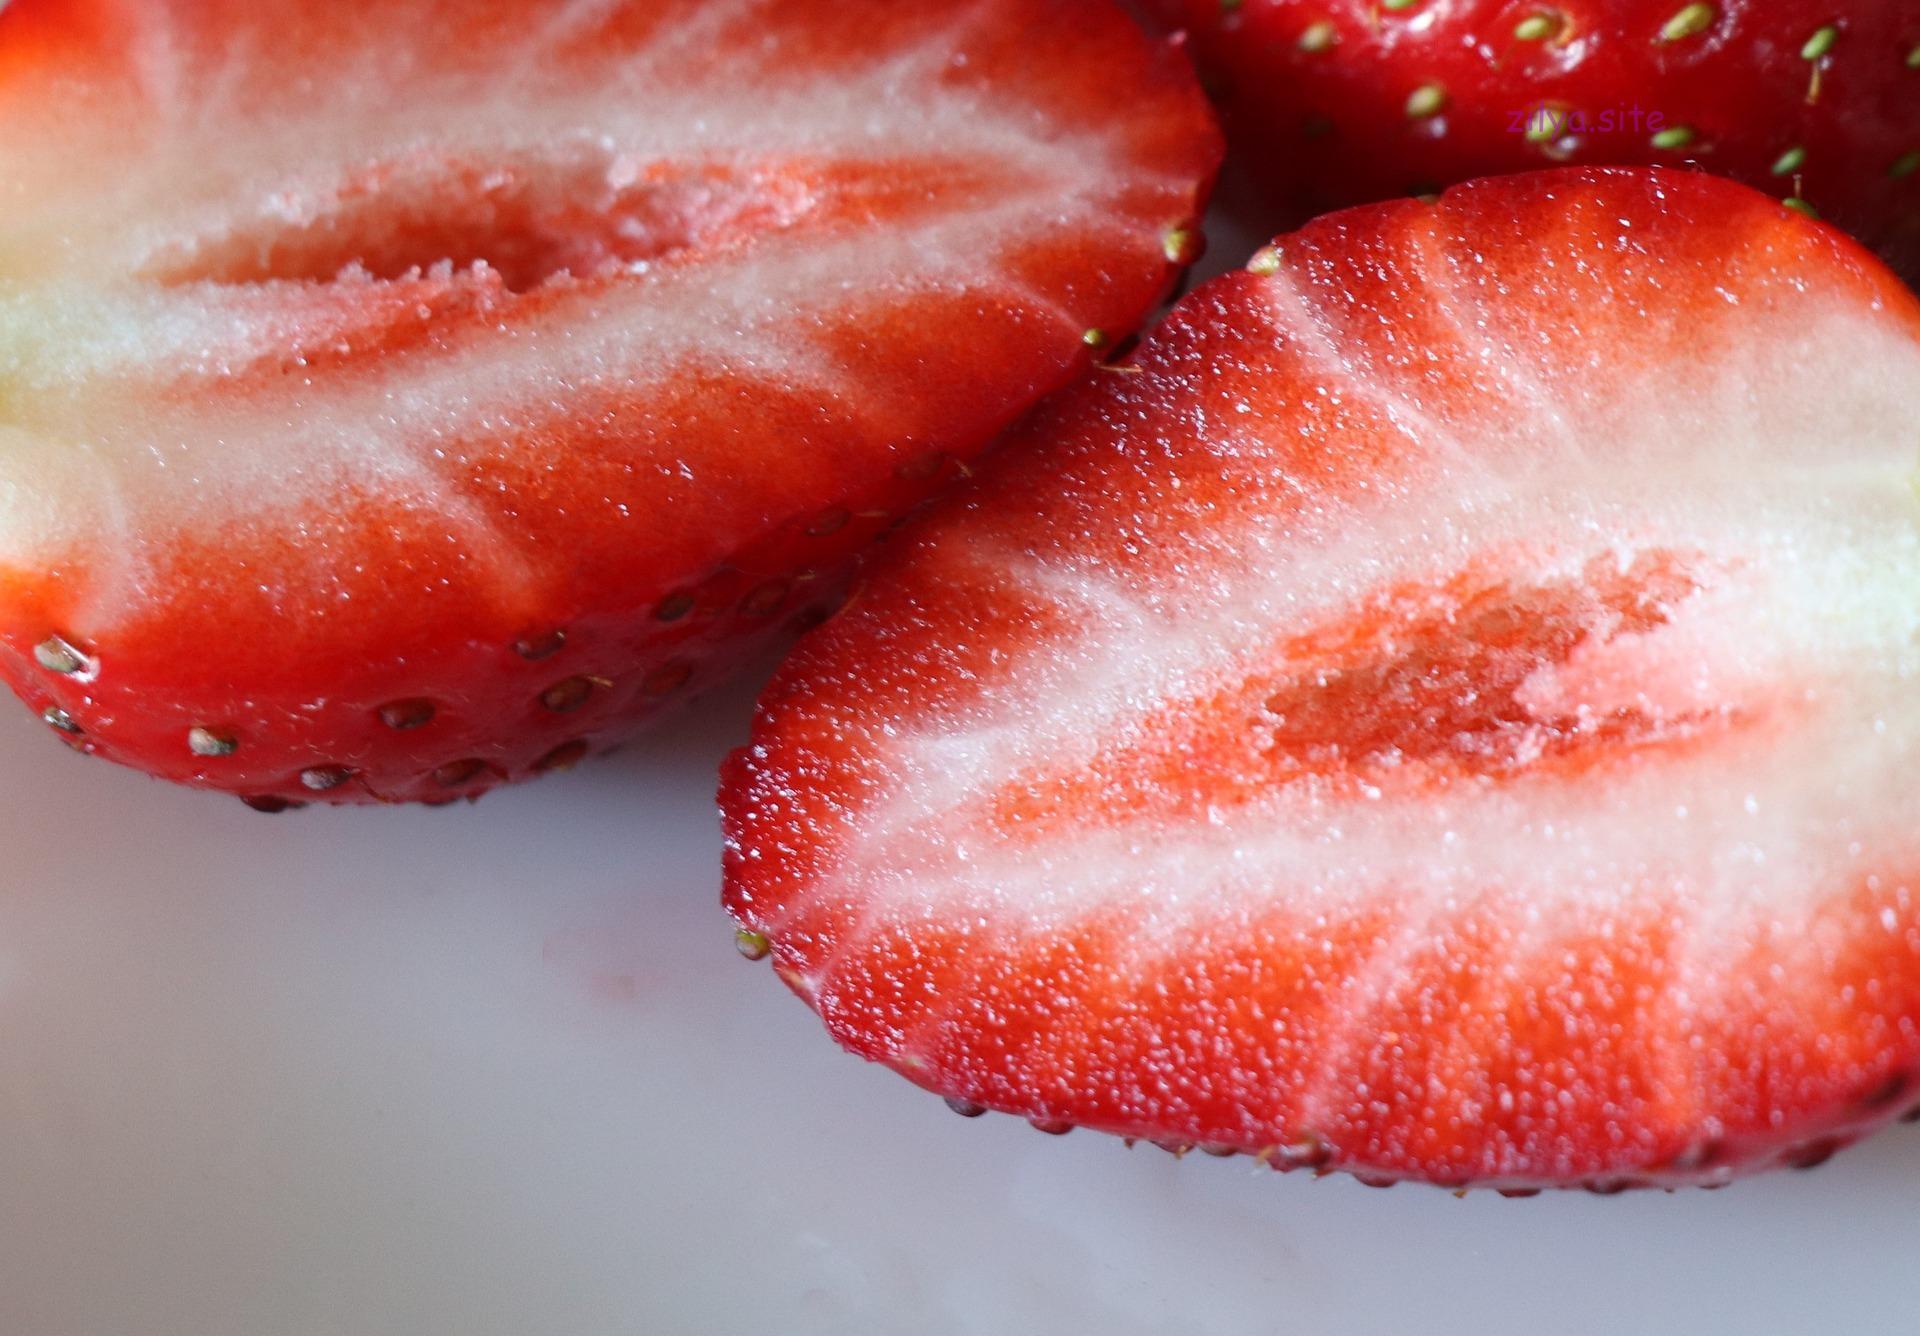 Рекомендации о том, как сохранить клубнику без сахара на зиму